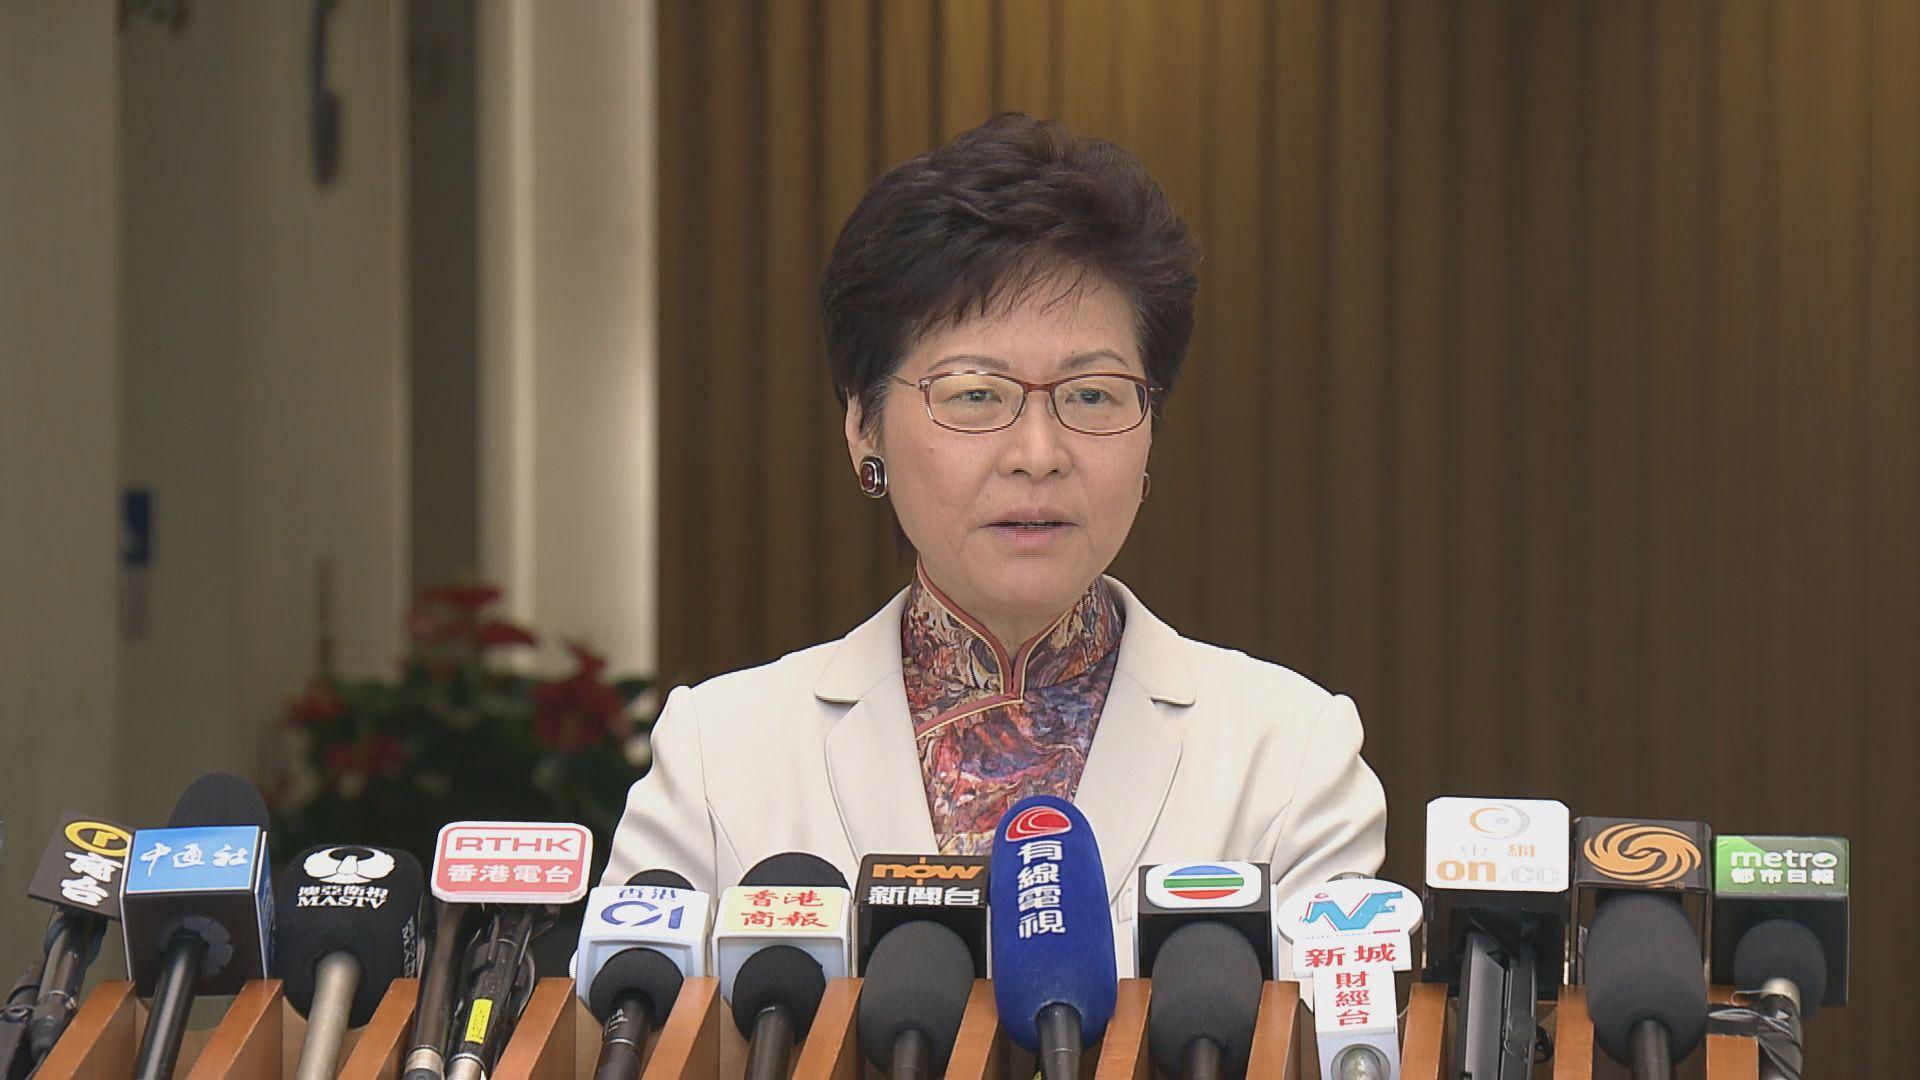 林鄭:高鐵售票過程仍有改善空間